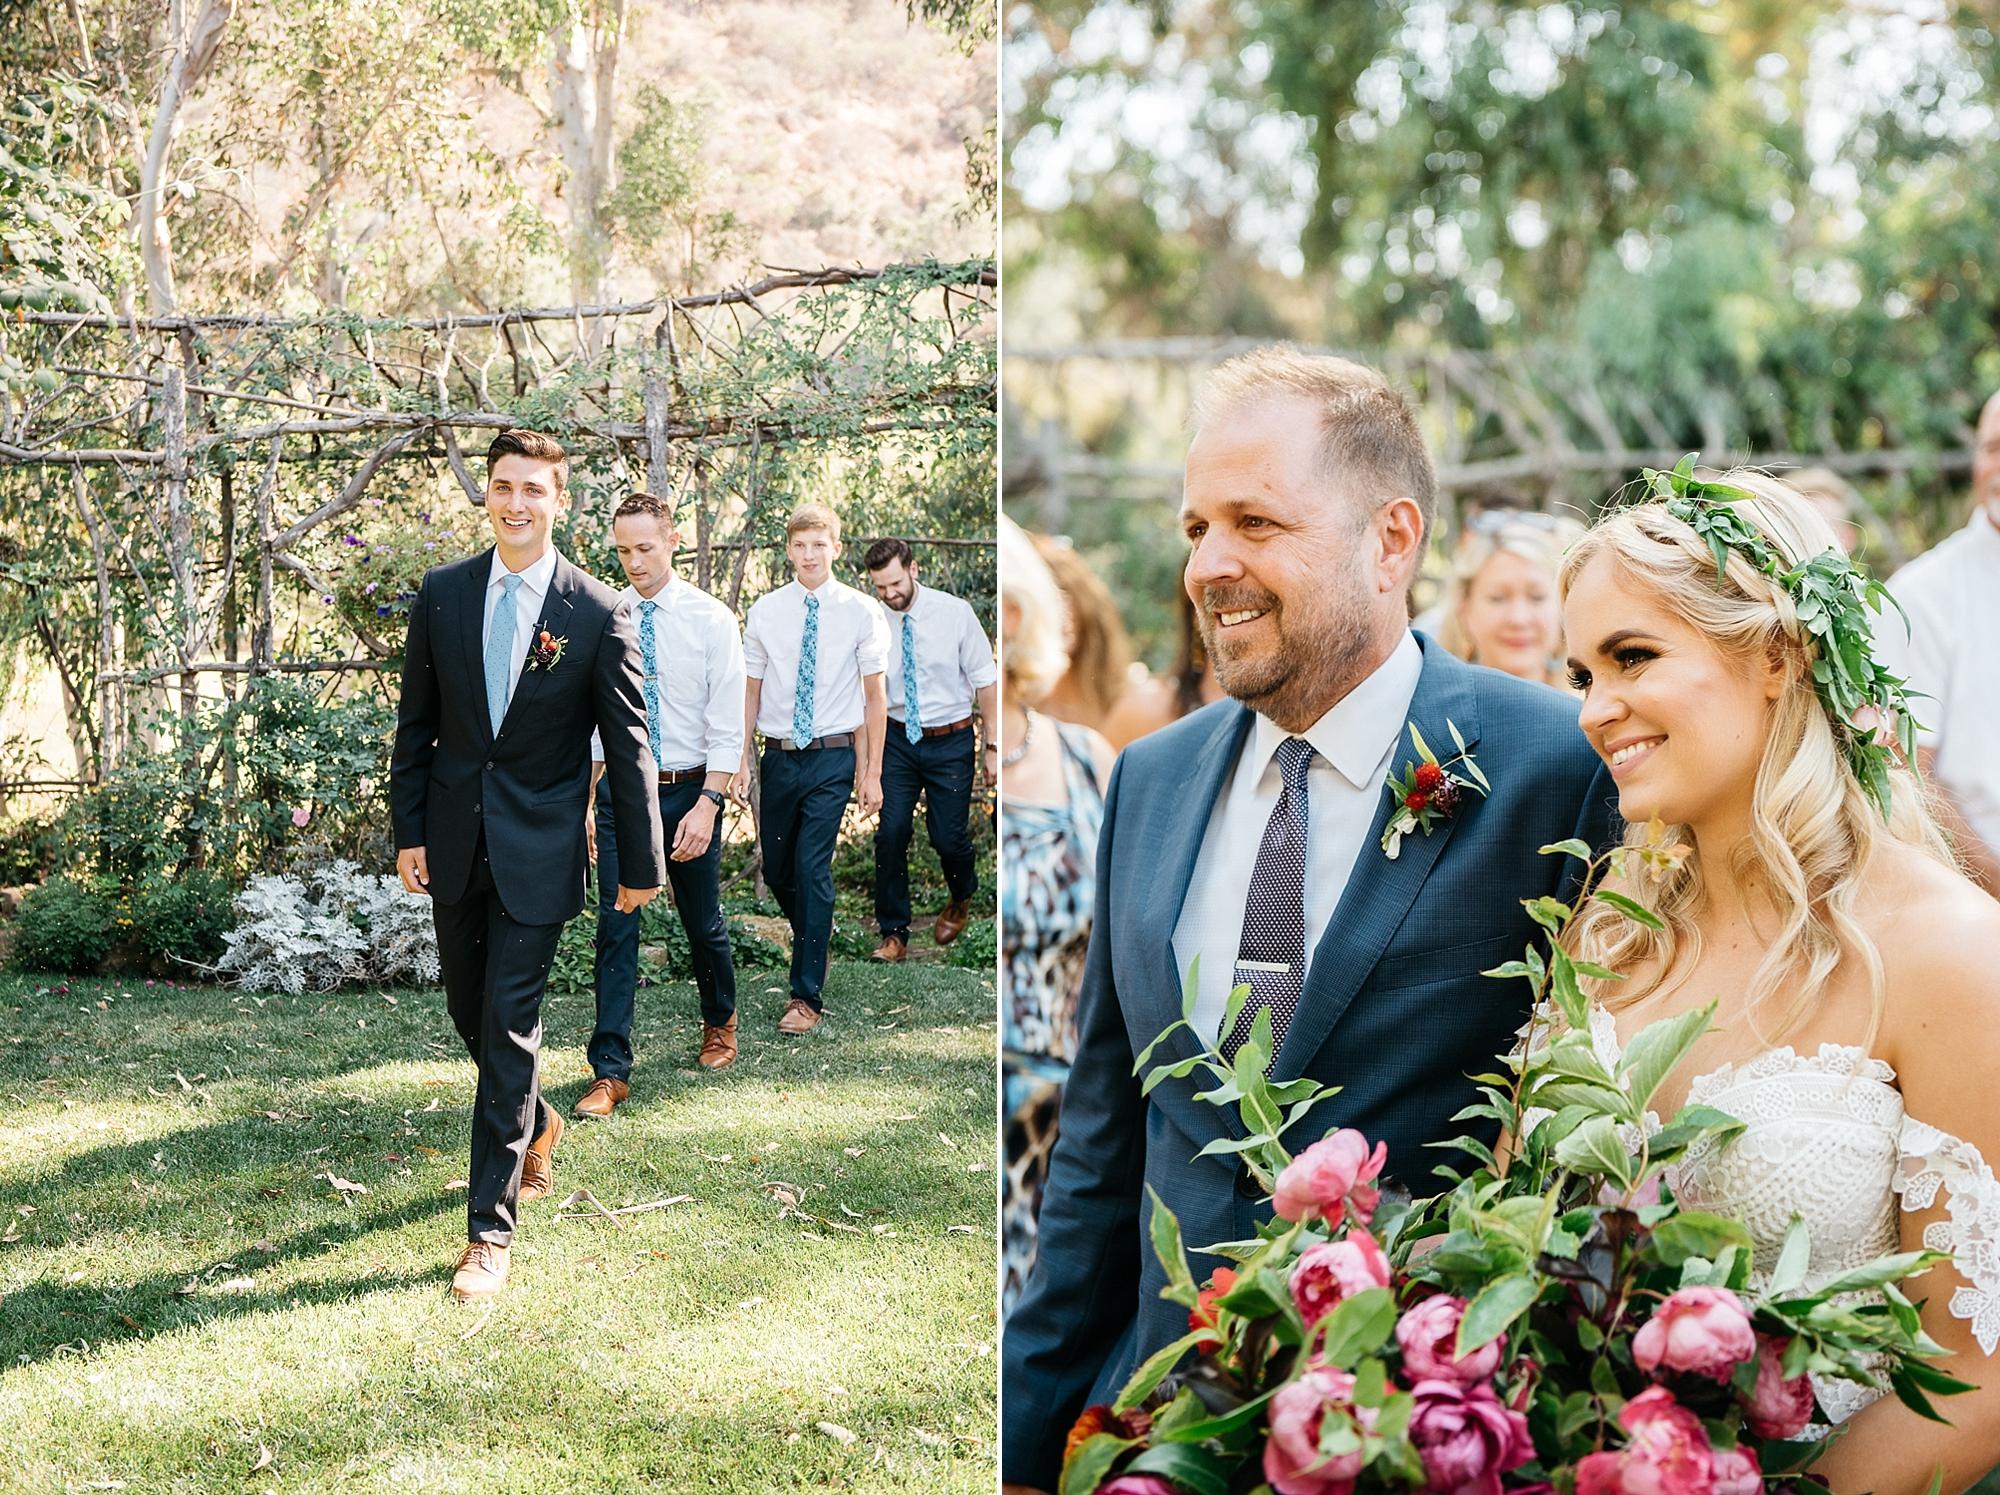 christina-cory-wedding017_WEB.jpg